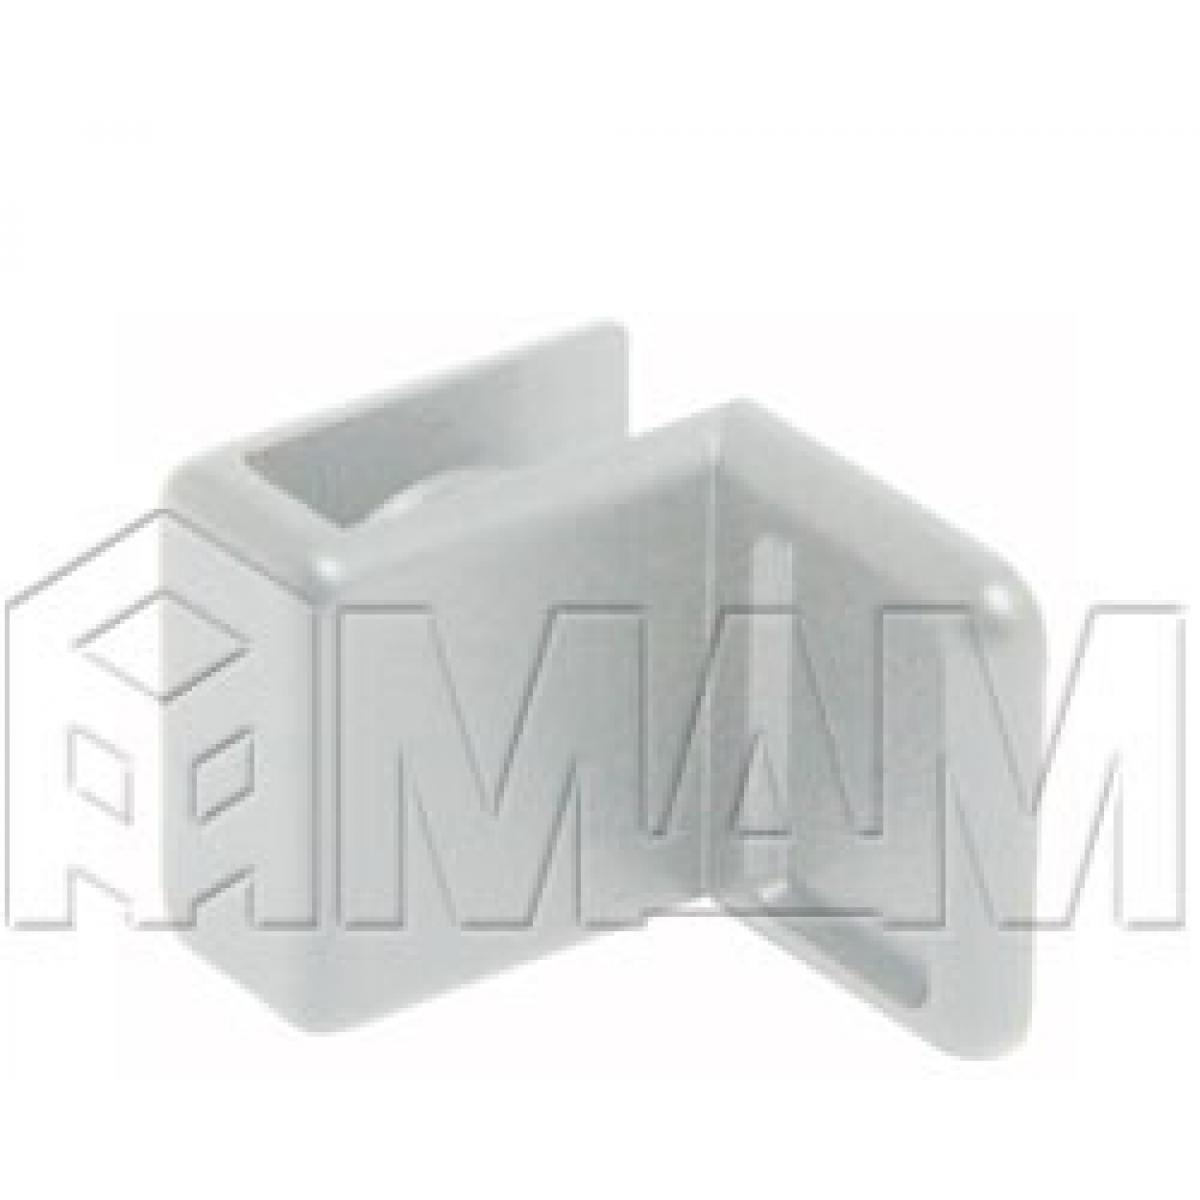 Специальные петли - Ручка для стекл. двери с петлями D/11, хром